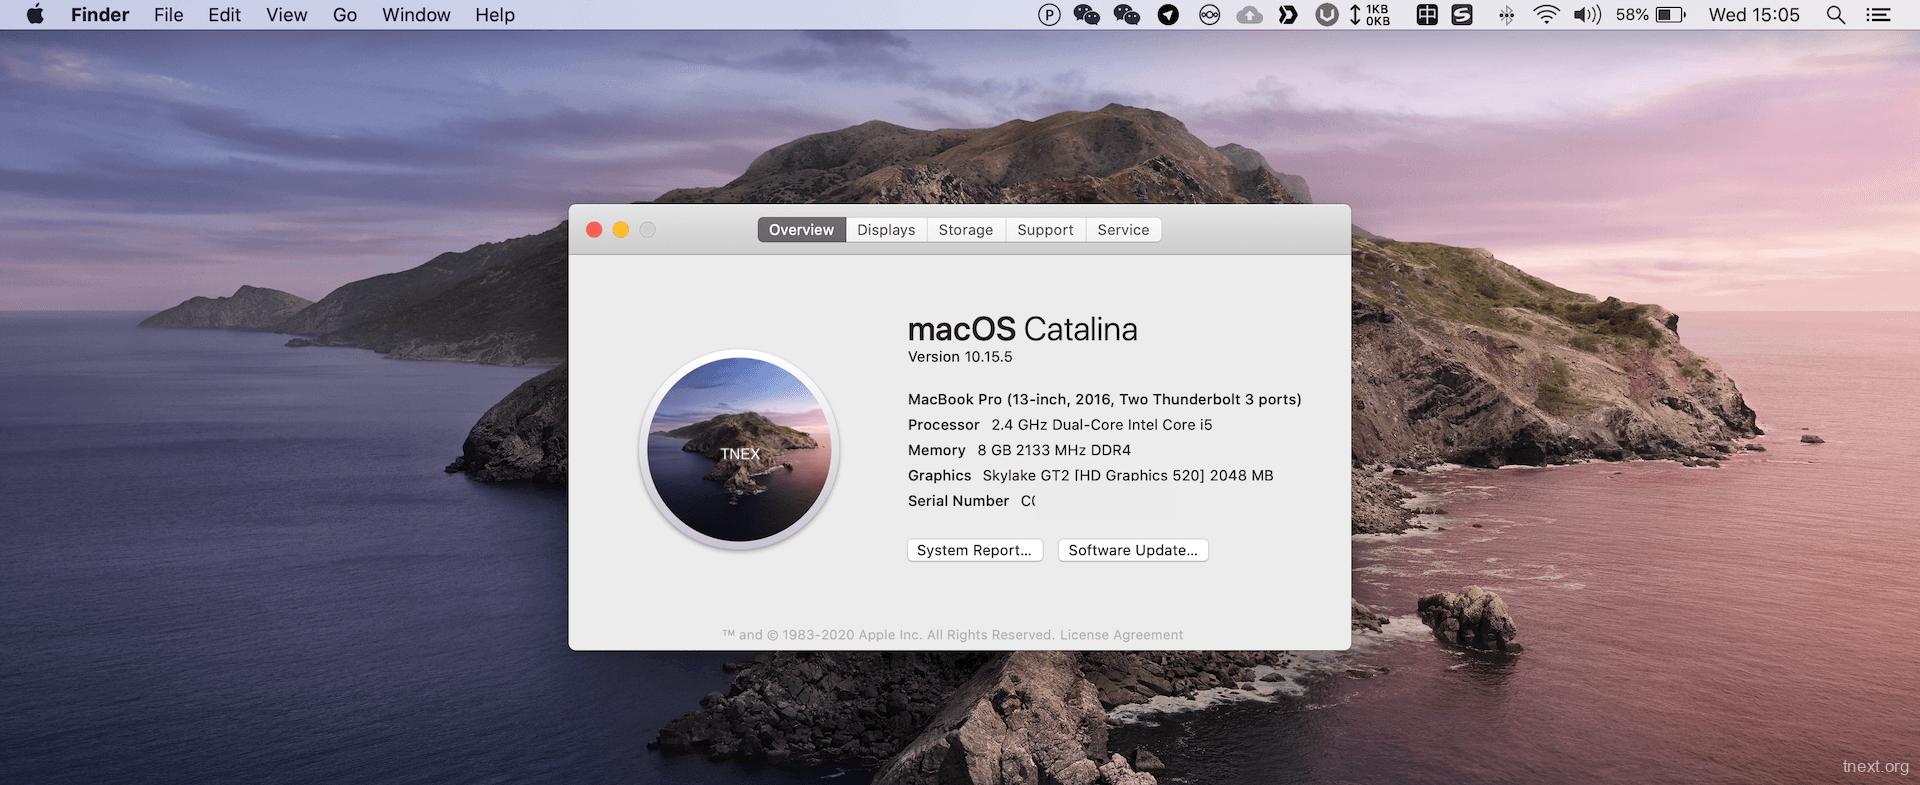 小米air 13安装黑苹果10.15.5效果图